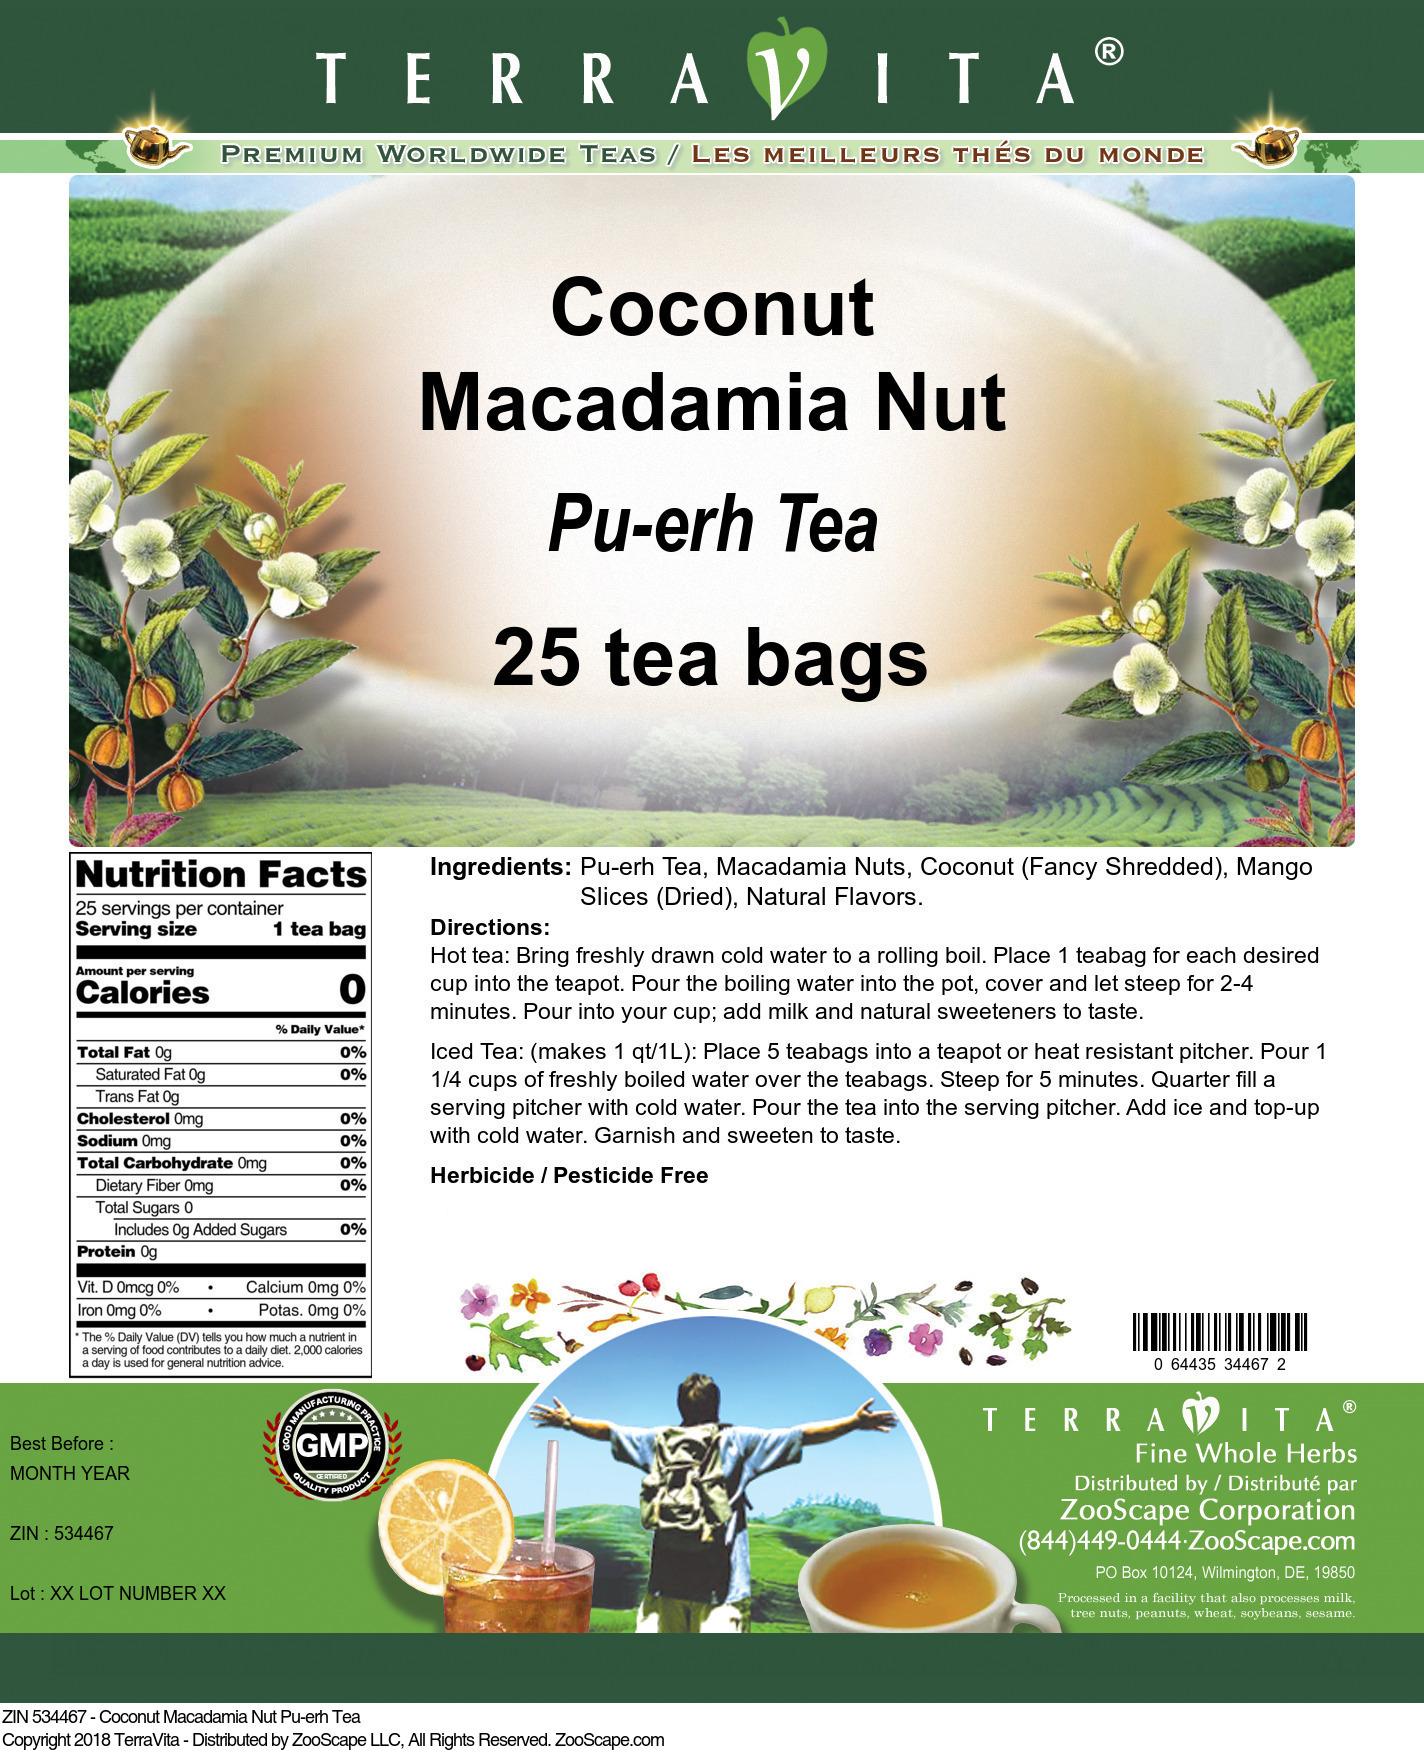 Coconut Macadamia Nut Pu-erh Tea